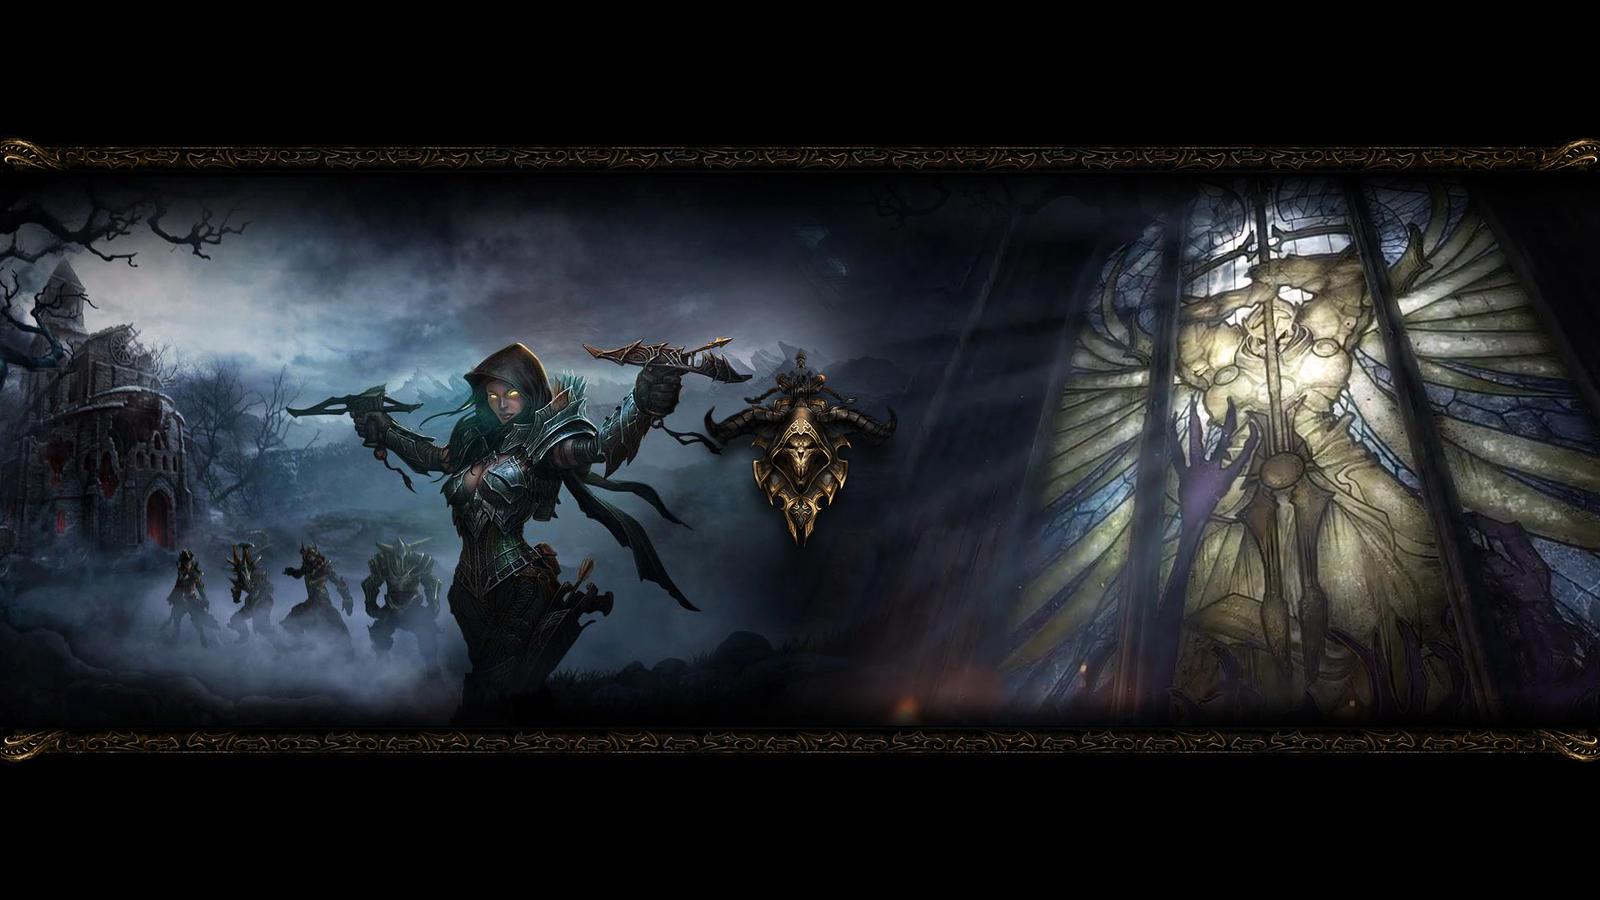 Diablo Iii Wallpaper Demon Hunter By Syntaxerror255 On Deviantart